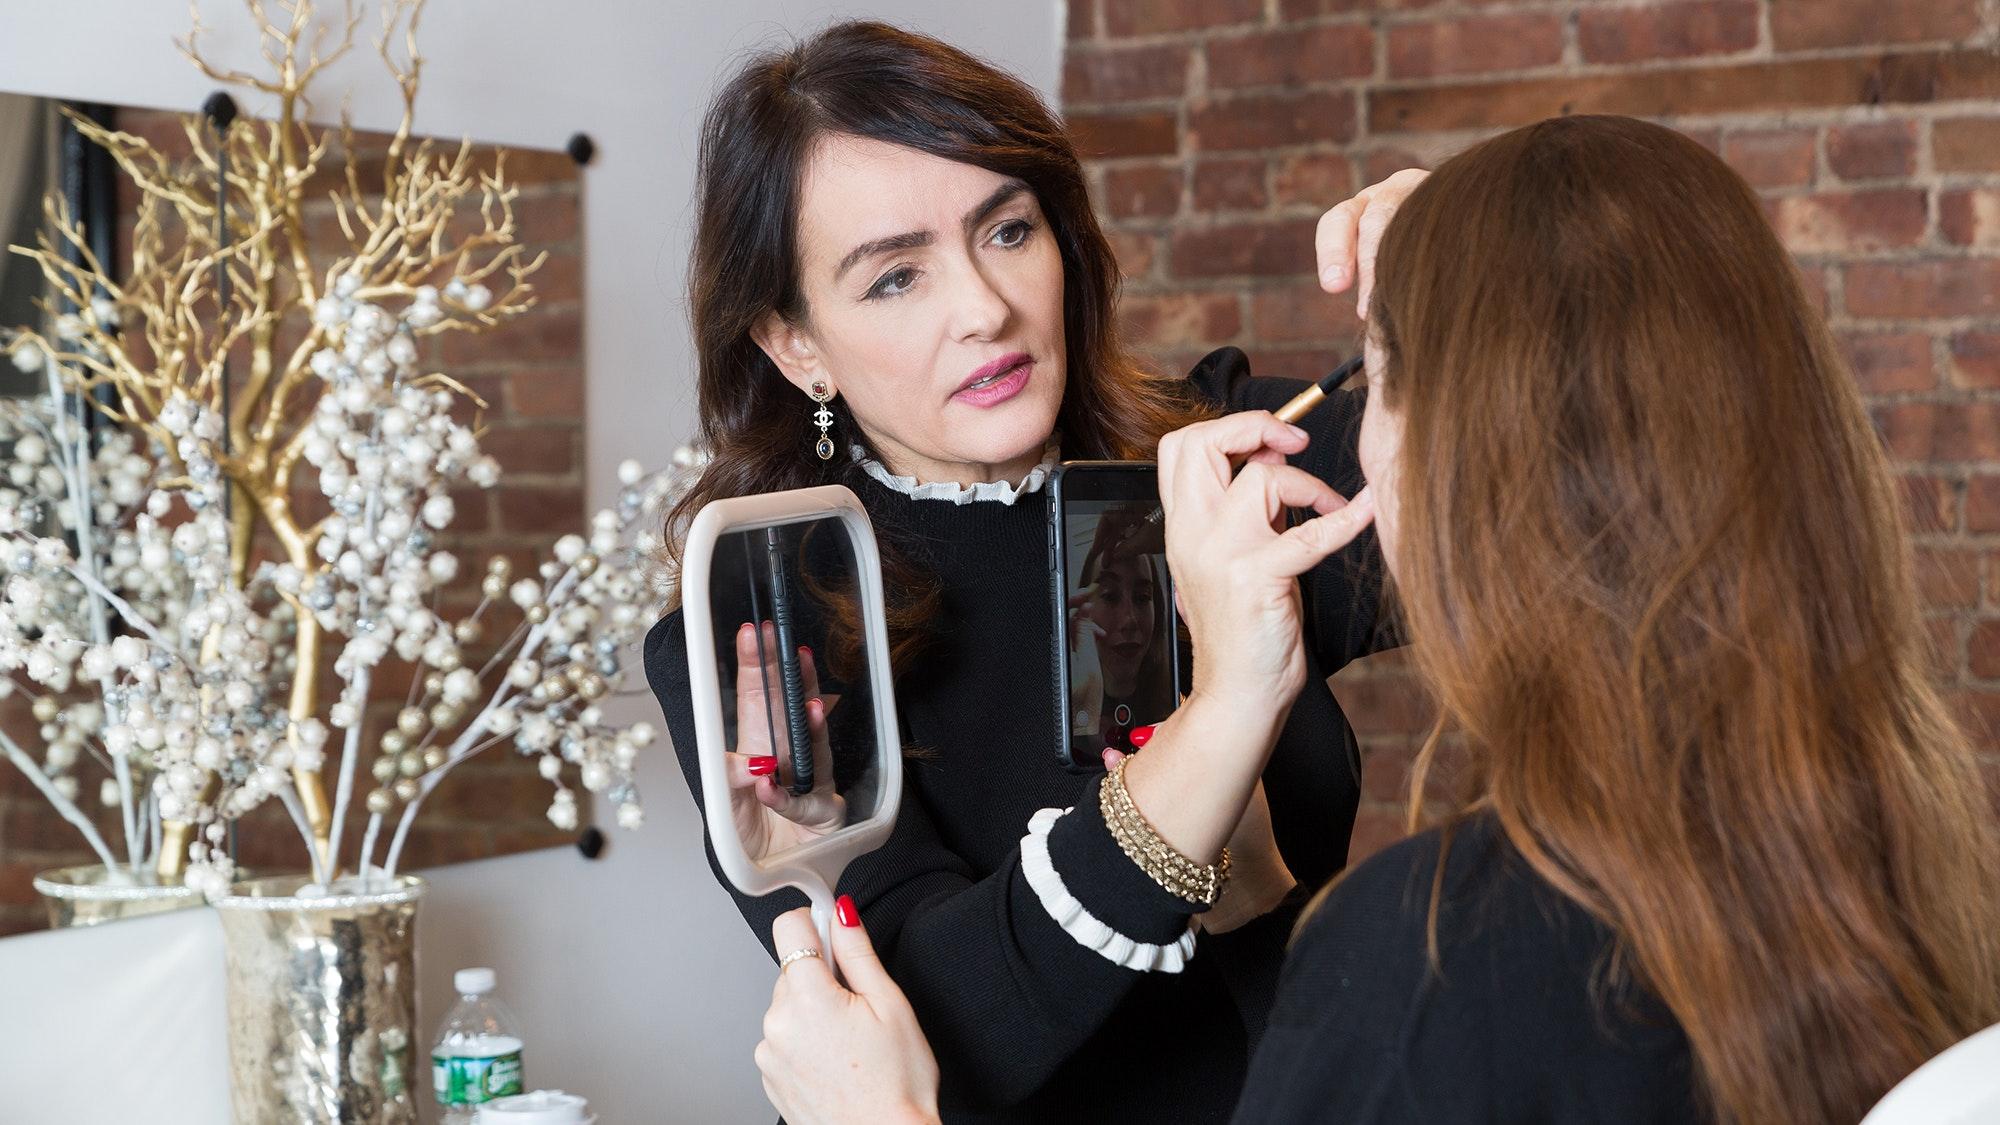 Sania Vucetaj looks in a mirror.